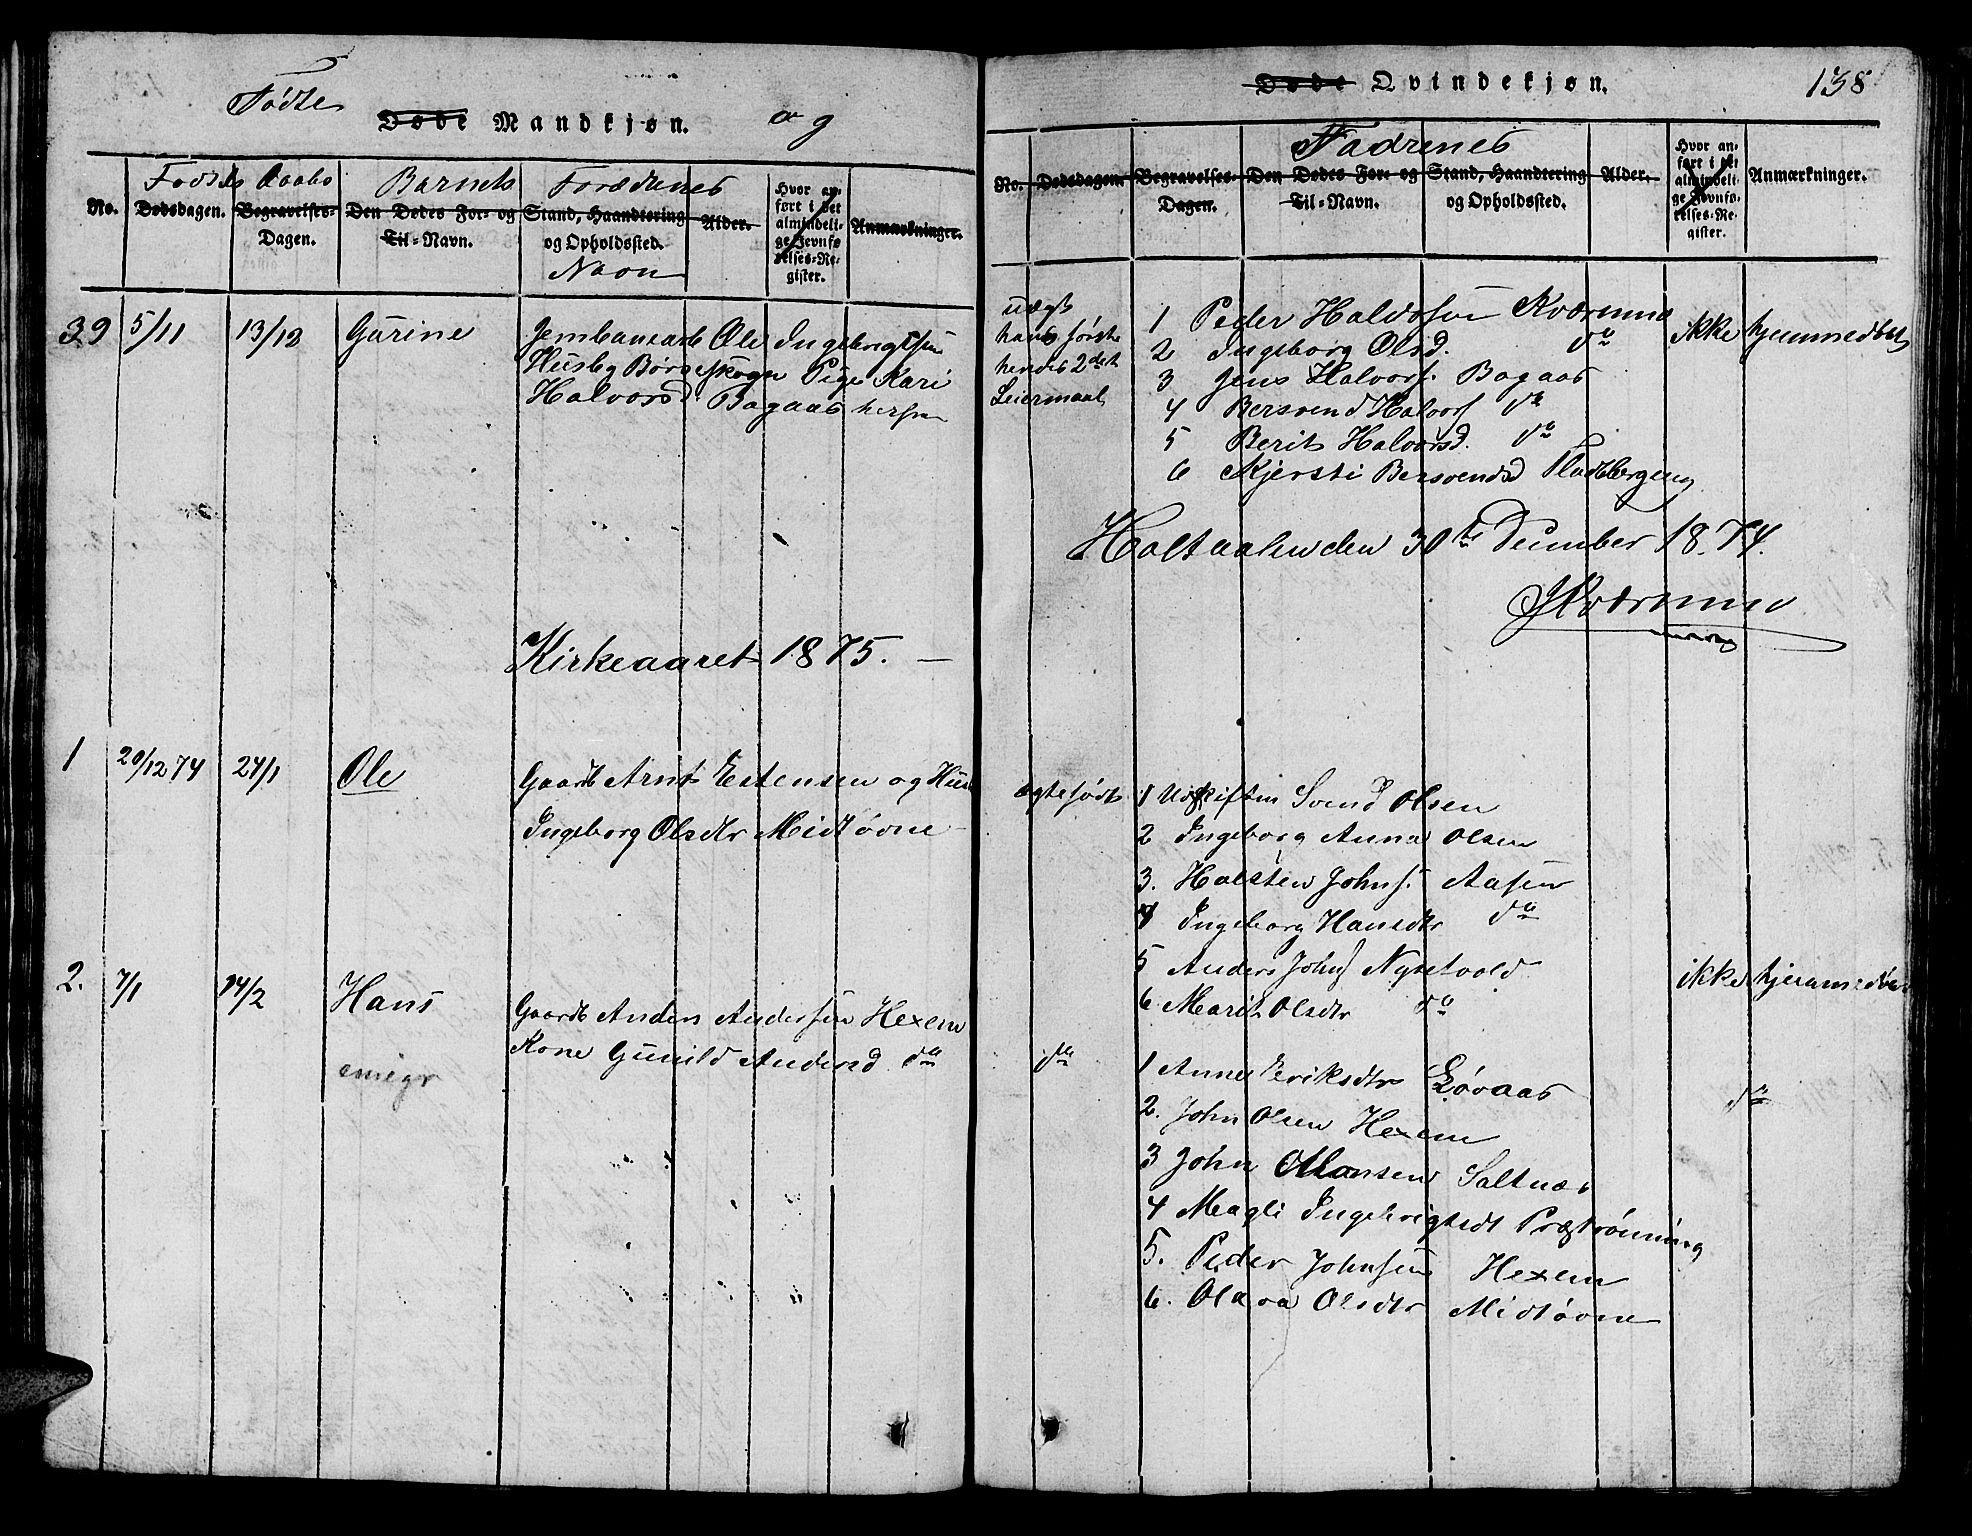 SAT, Ministerialprotokoller, klokkerbøker og fødselsregistre - Sør-Trøndelag, 685/L0976: Klokkerbok nr. 685C01, 1817-1878, s. 138